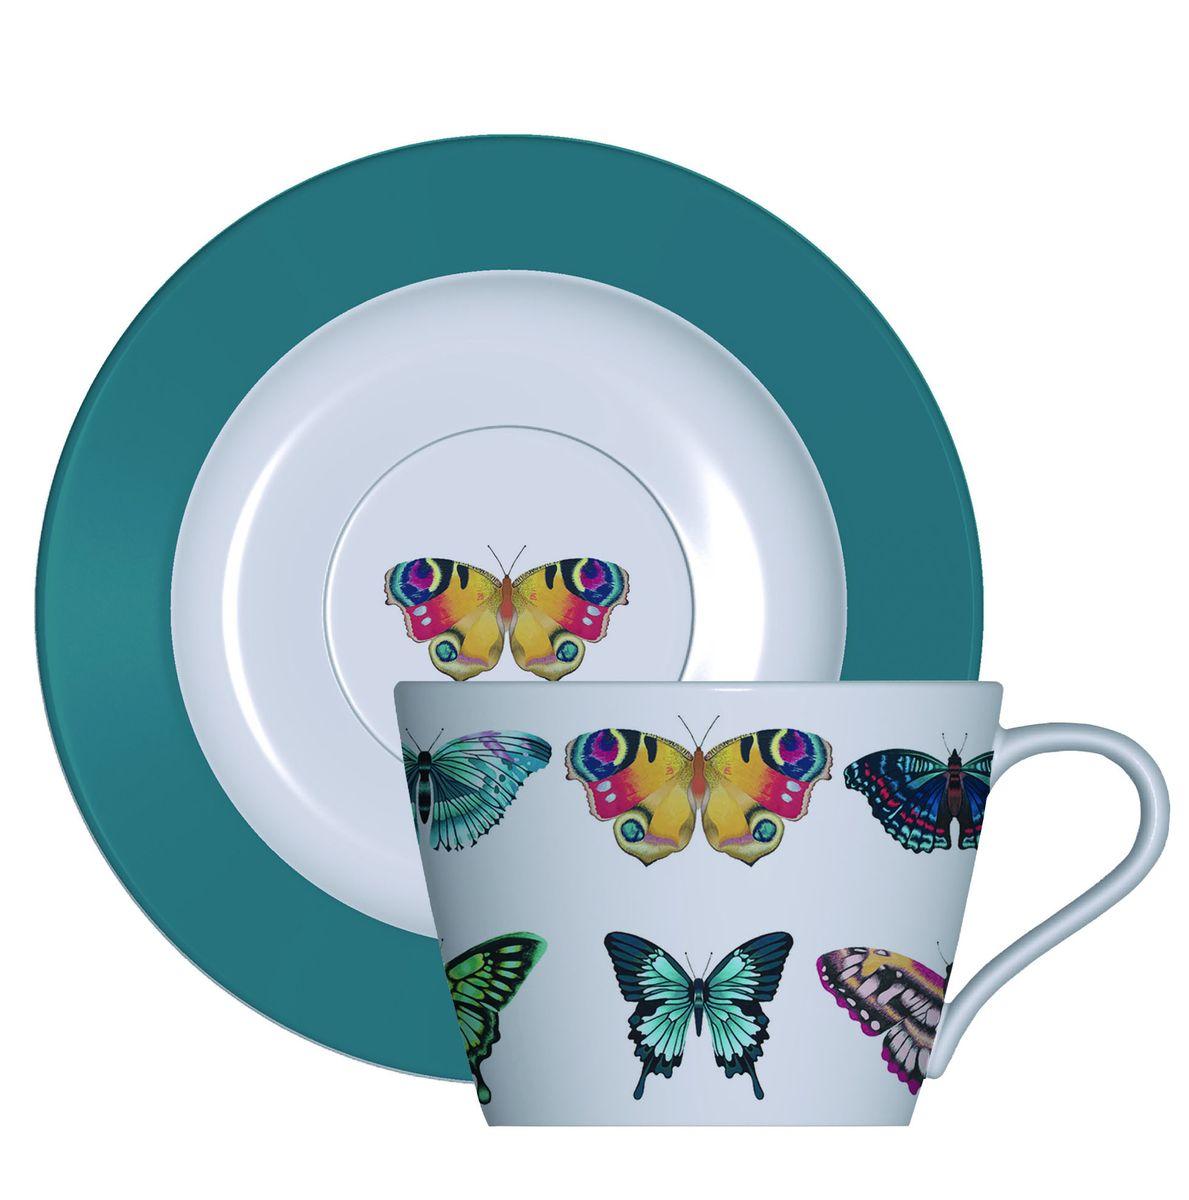 Набор кофейный Churchill Бабочки, 4 предметаVT-1520(SR)Набор кофейный Churchill Бабочки состоит из 2 кофейных чашек и 2 блюдец. Изделия выполнены из высококачественного костяного фарфора и оформлены красочным изображением бабочек. Можно мыть в посудомоечной машине. Можно использовать в микроволновой печи.